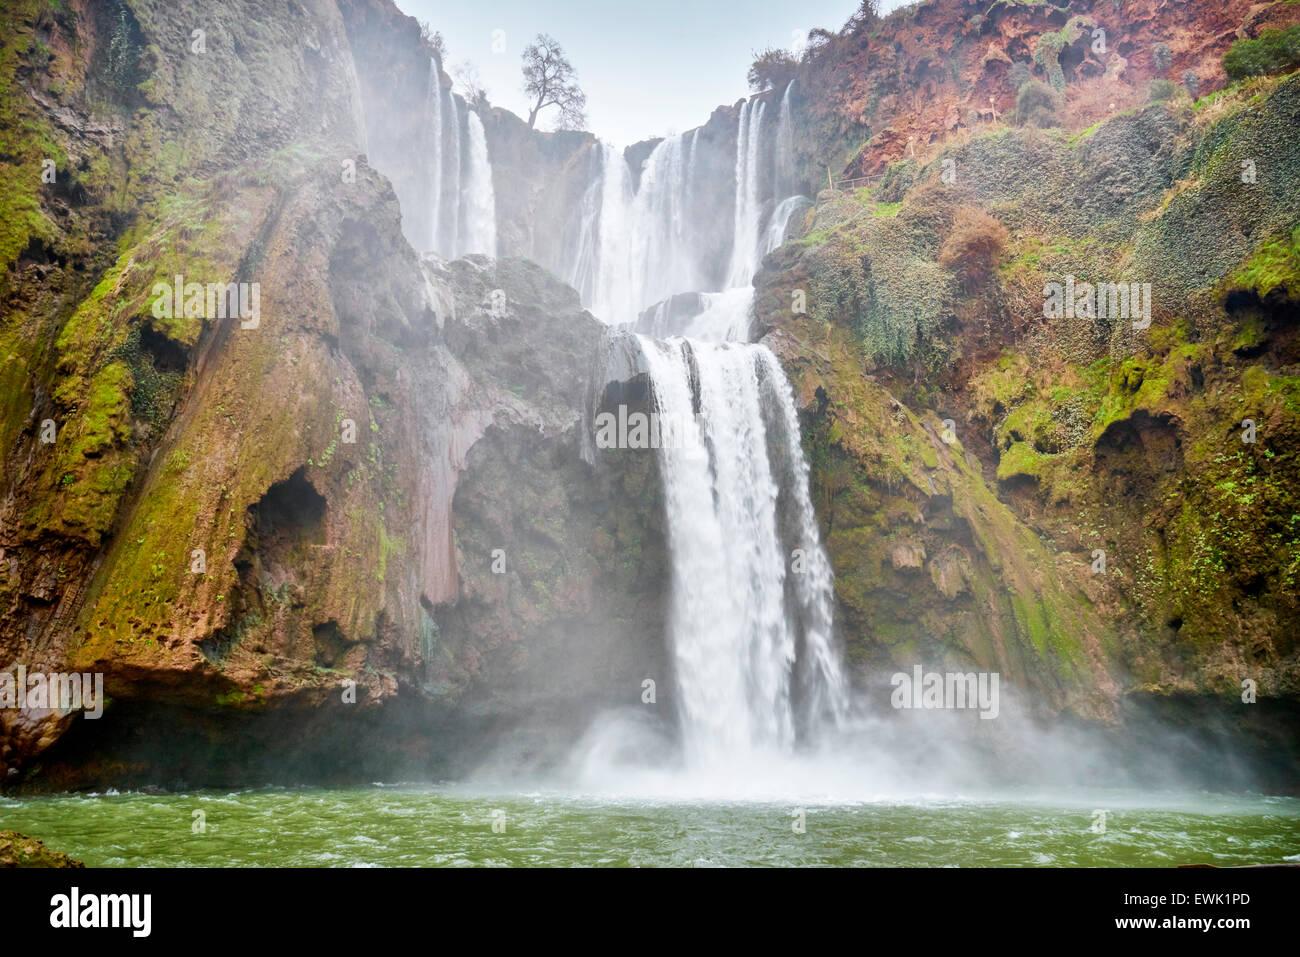 Ouzoud Wasserfälle, Beni Mellal, Marokko, Afrika Stockbild